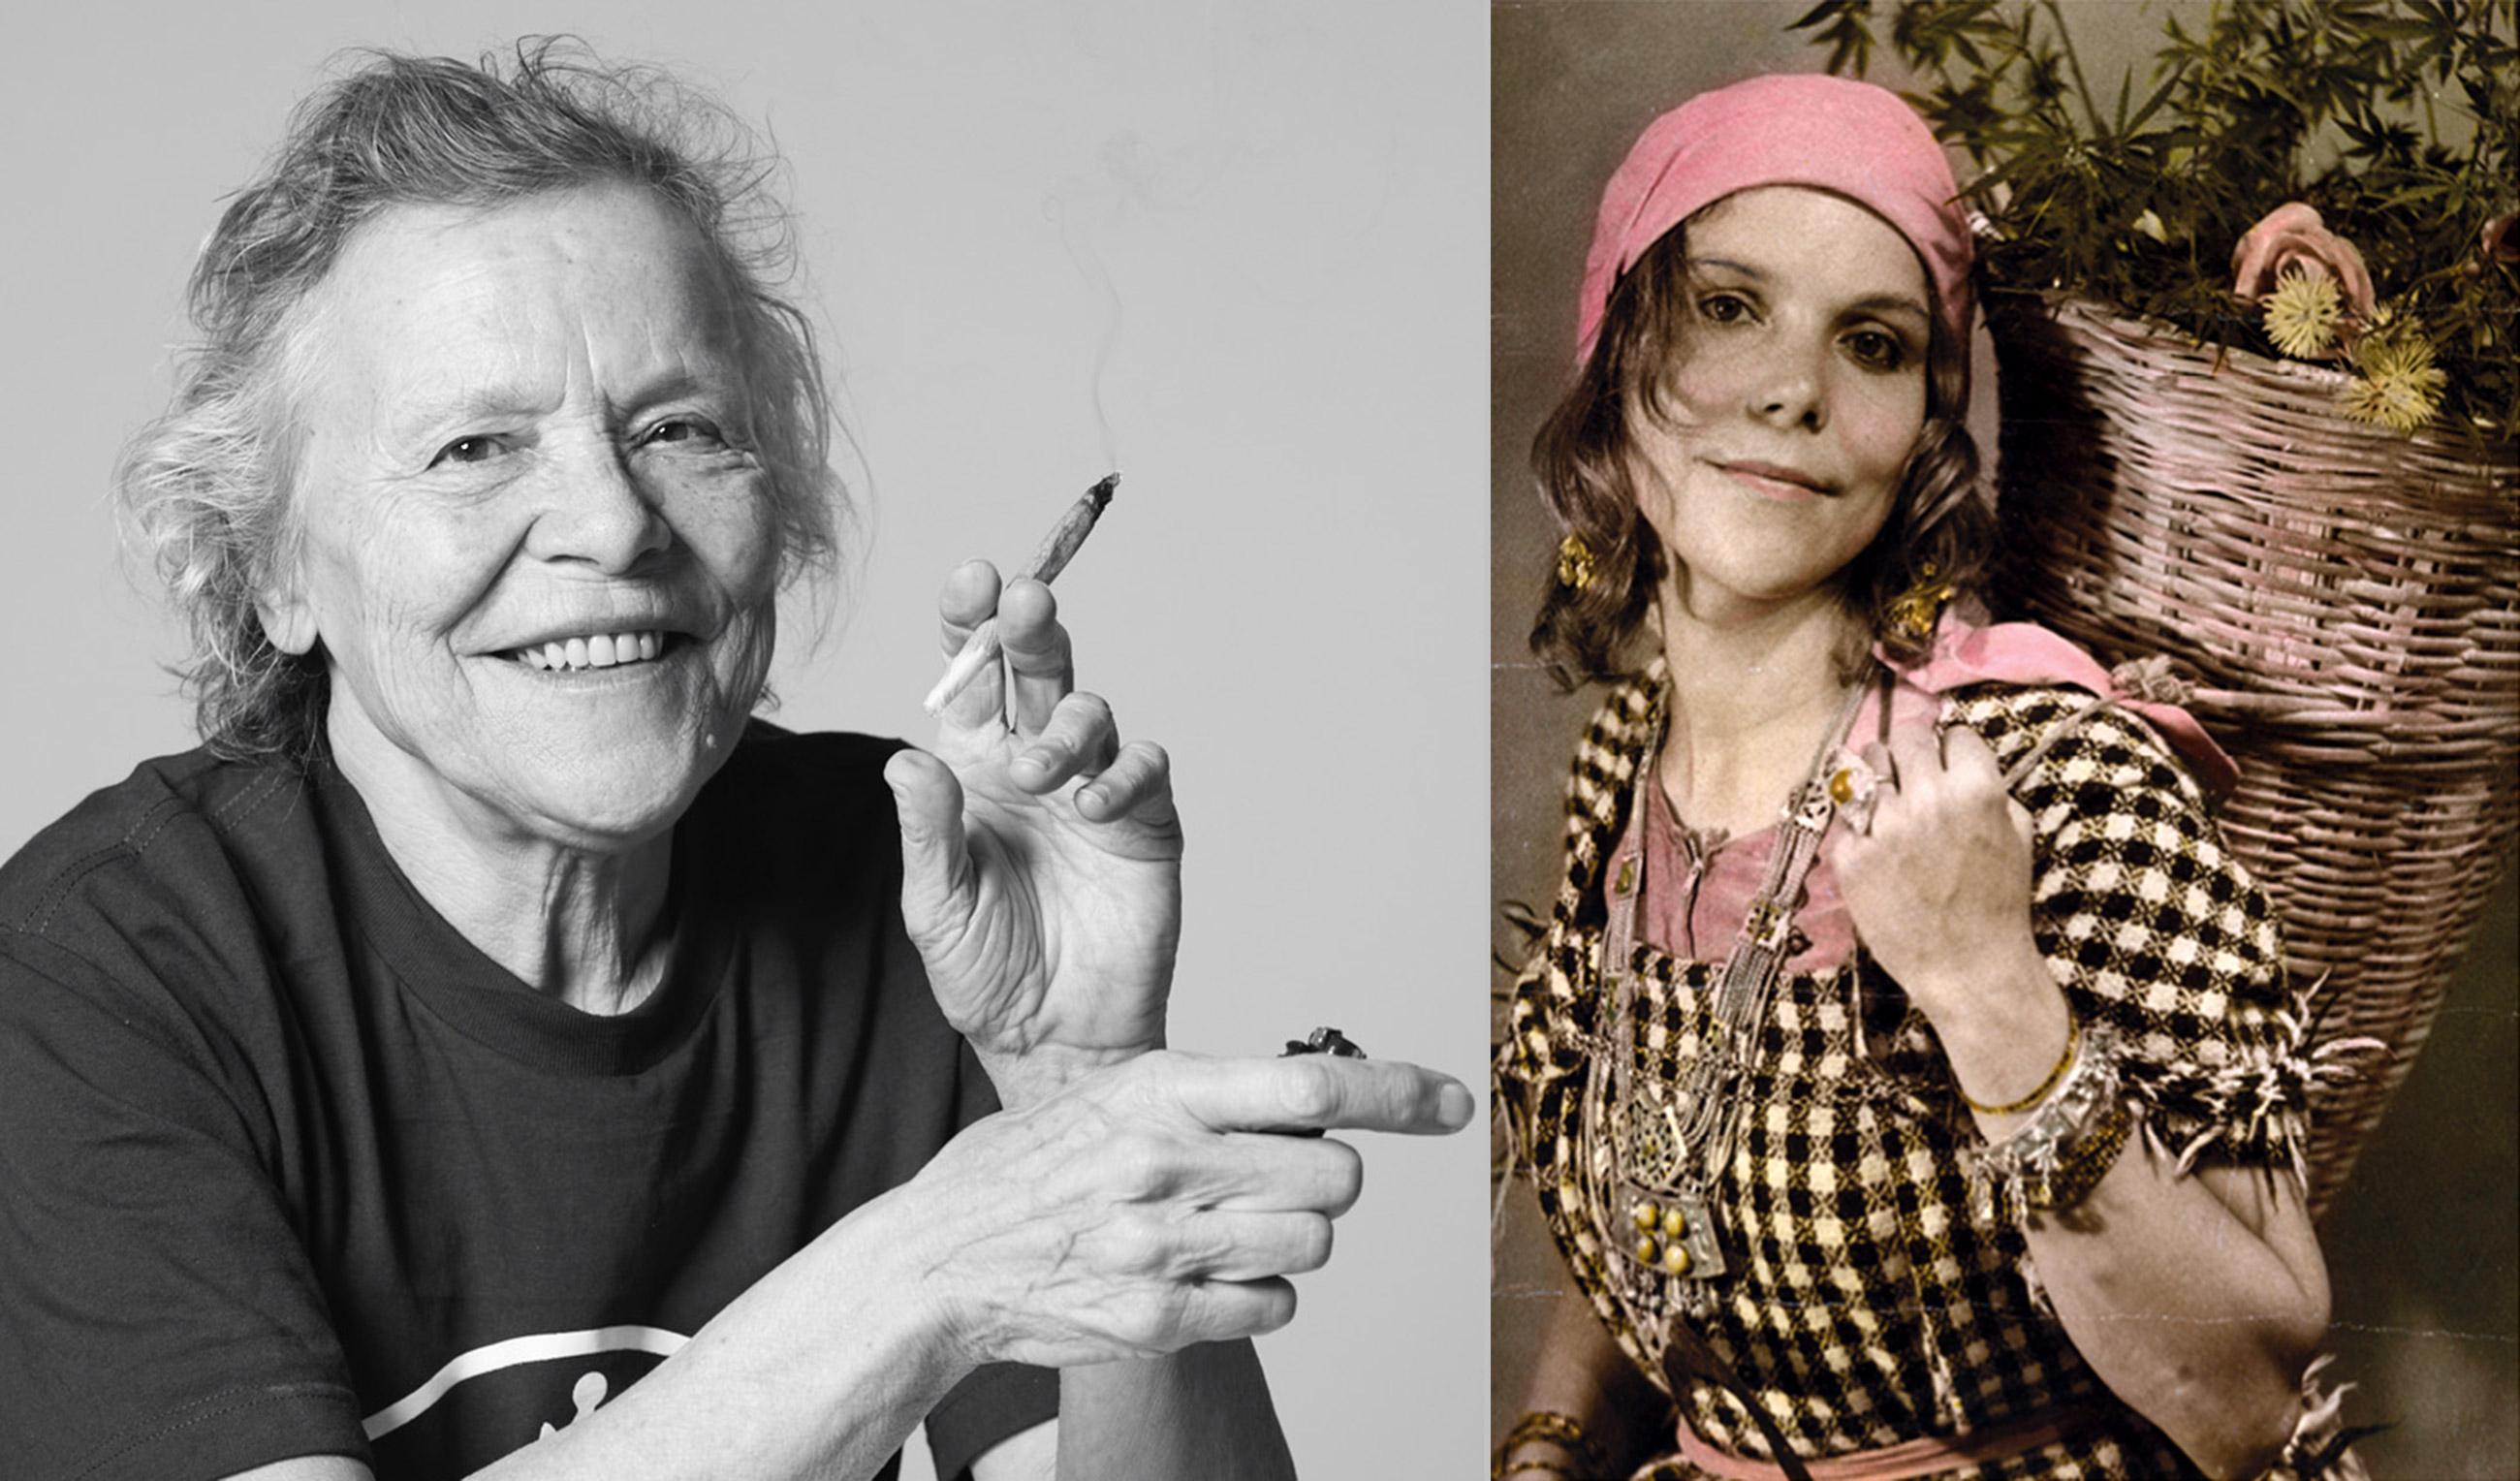 Dos fotos de la leyenda del cannabis Mila Jansen. A la izquierda, una foto en blanco y negro que la muestra sonriendo y con un porro en la mano. A la derecha, una joven Mila con un pañuelo rosa en la cabeza y llevando una cesta de cannabis a la espalda.